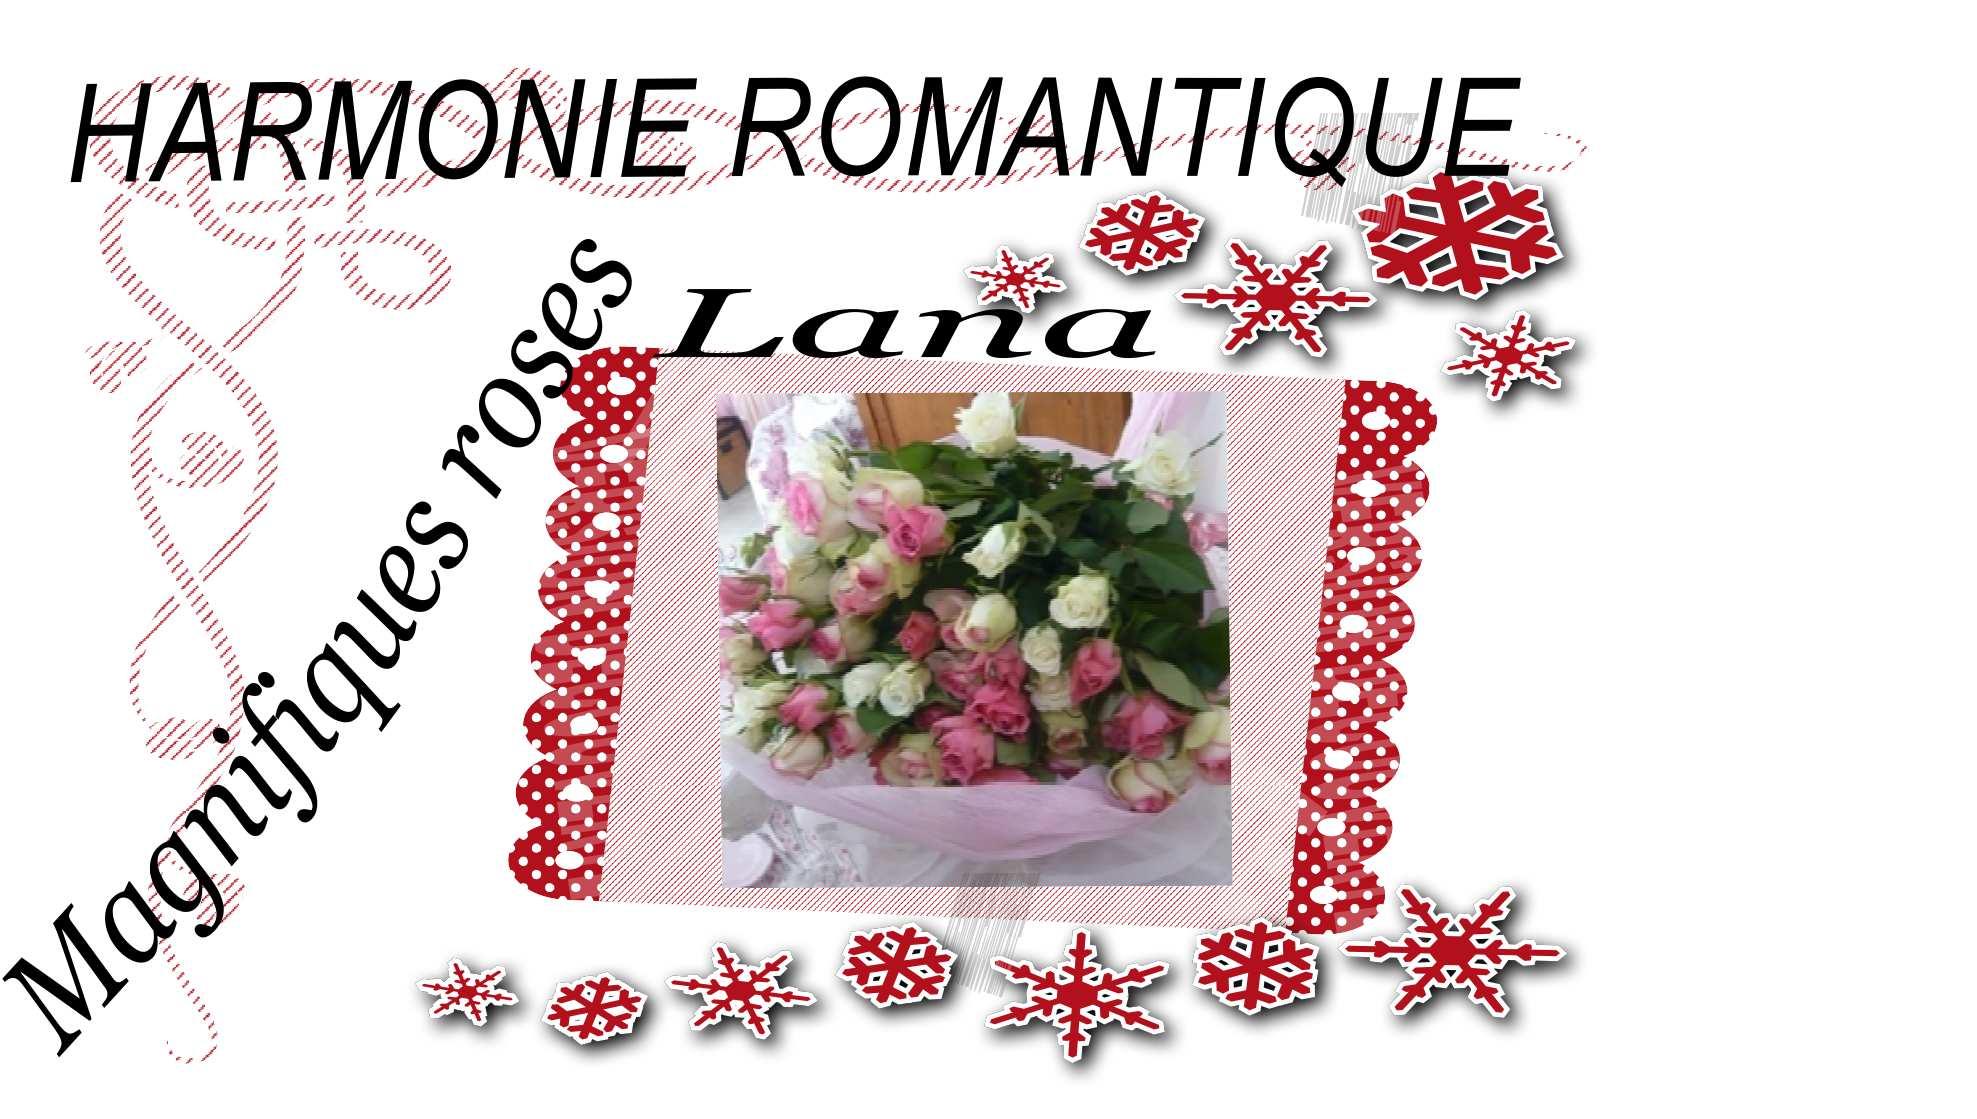 LES HARMONIES ROMANTIQUES